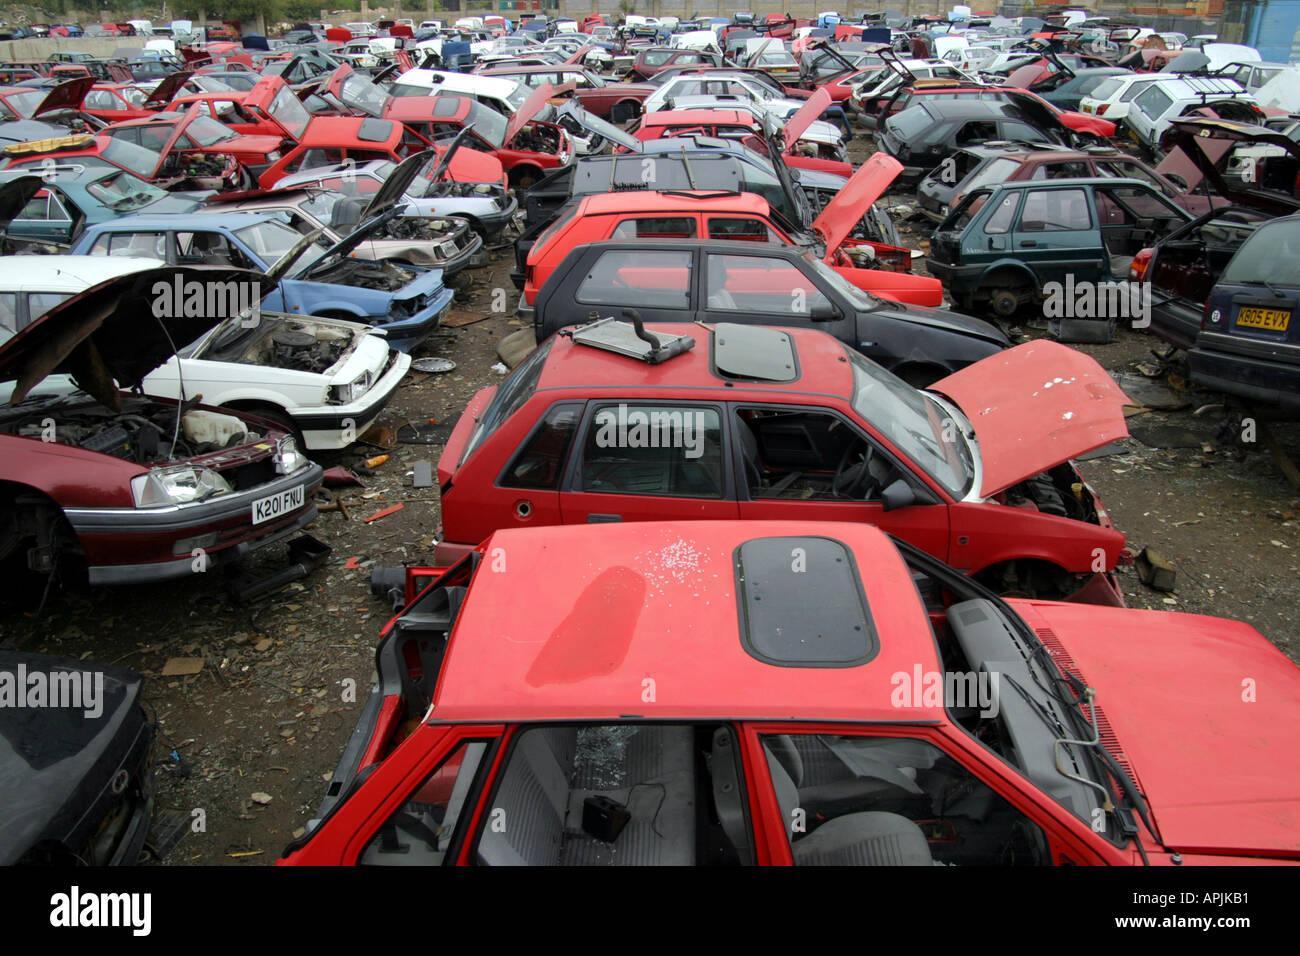 view of scrap cars in UK scrap yard Stock Photo: 5159856 - Alamy